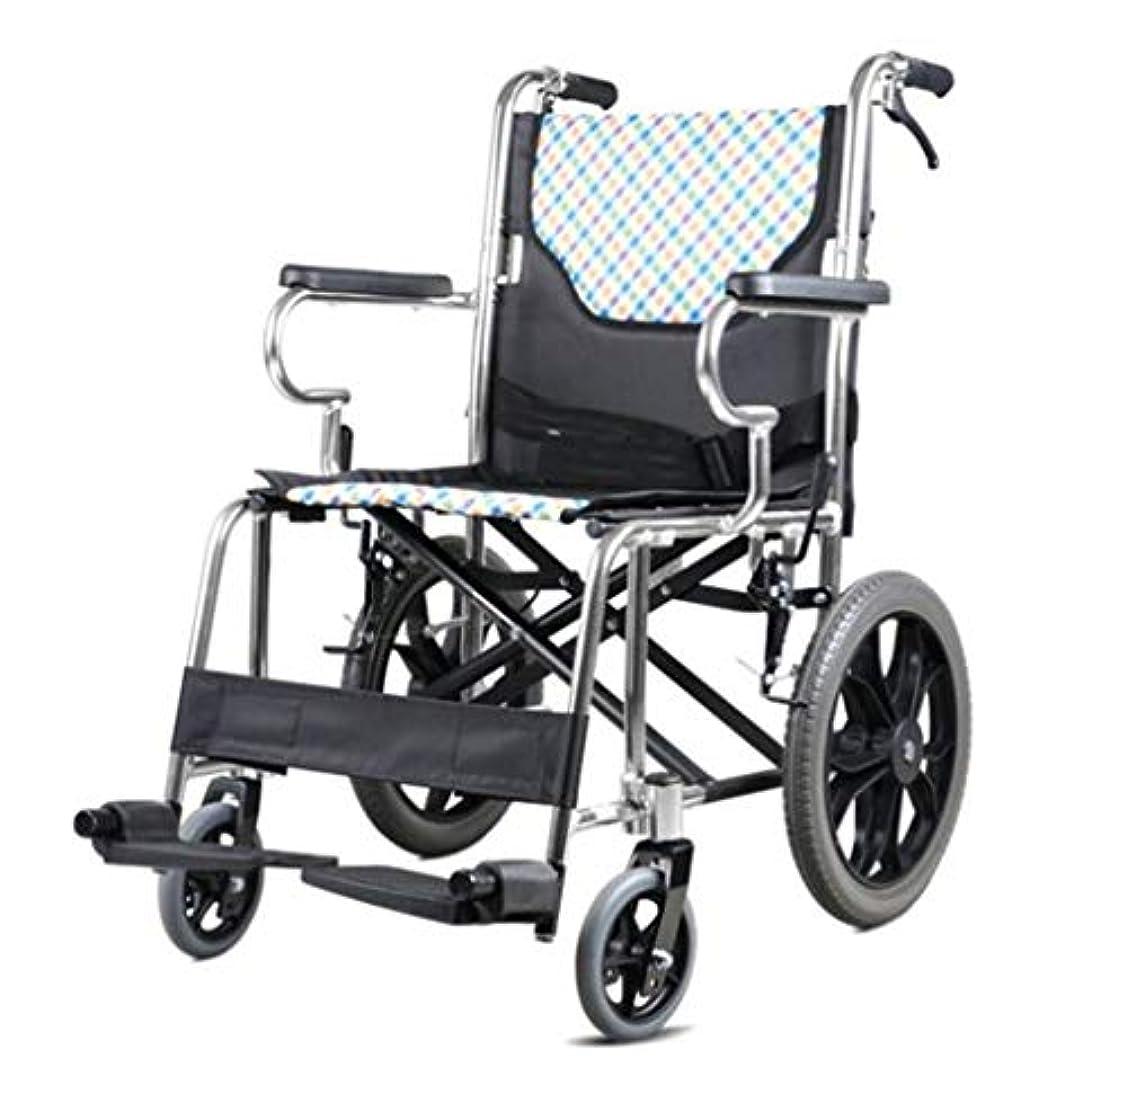 閲覧する相関する速記車椅子用トロリー折りたたみ式、高齢者用トロリー、身体障害者用車椅子、容量100 Kg